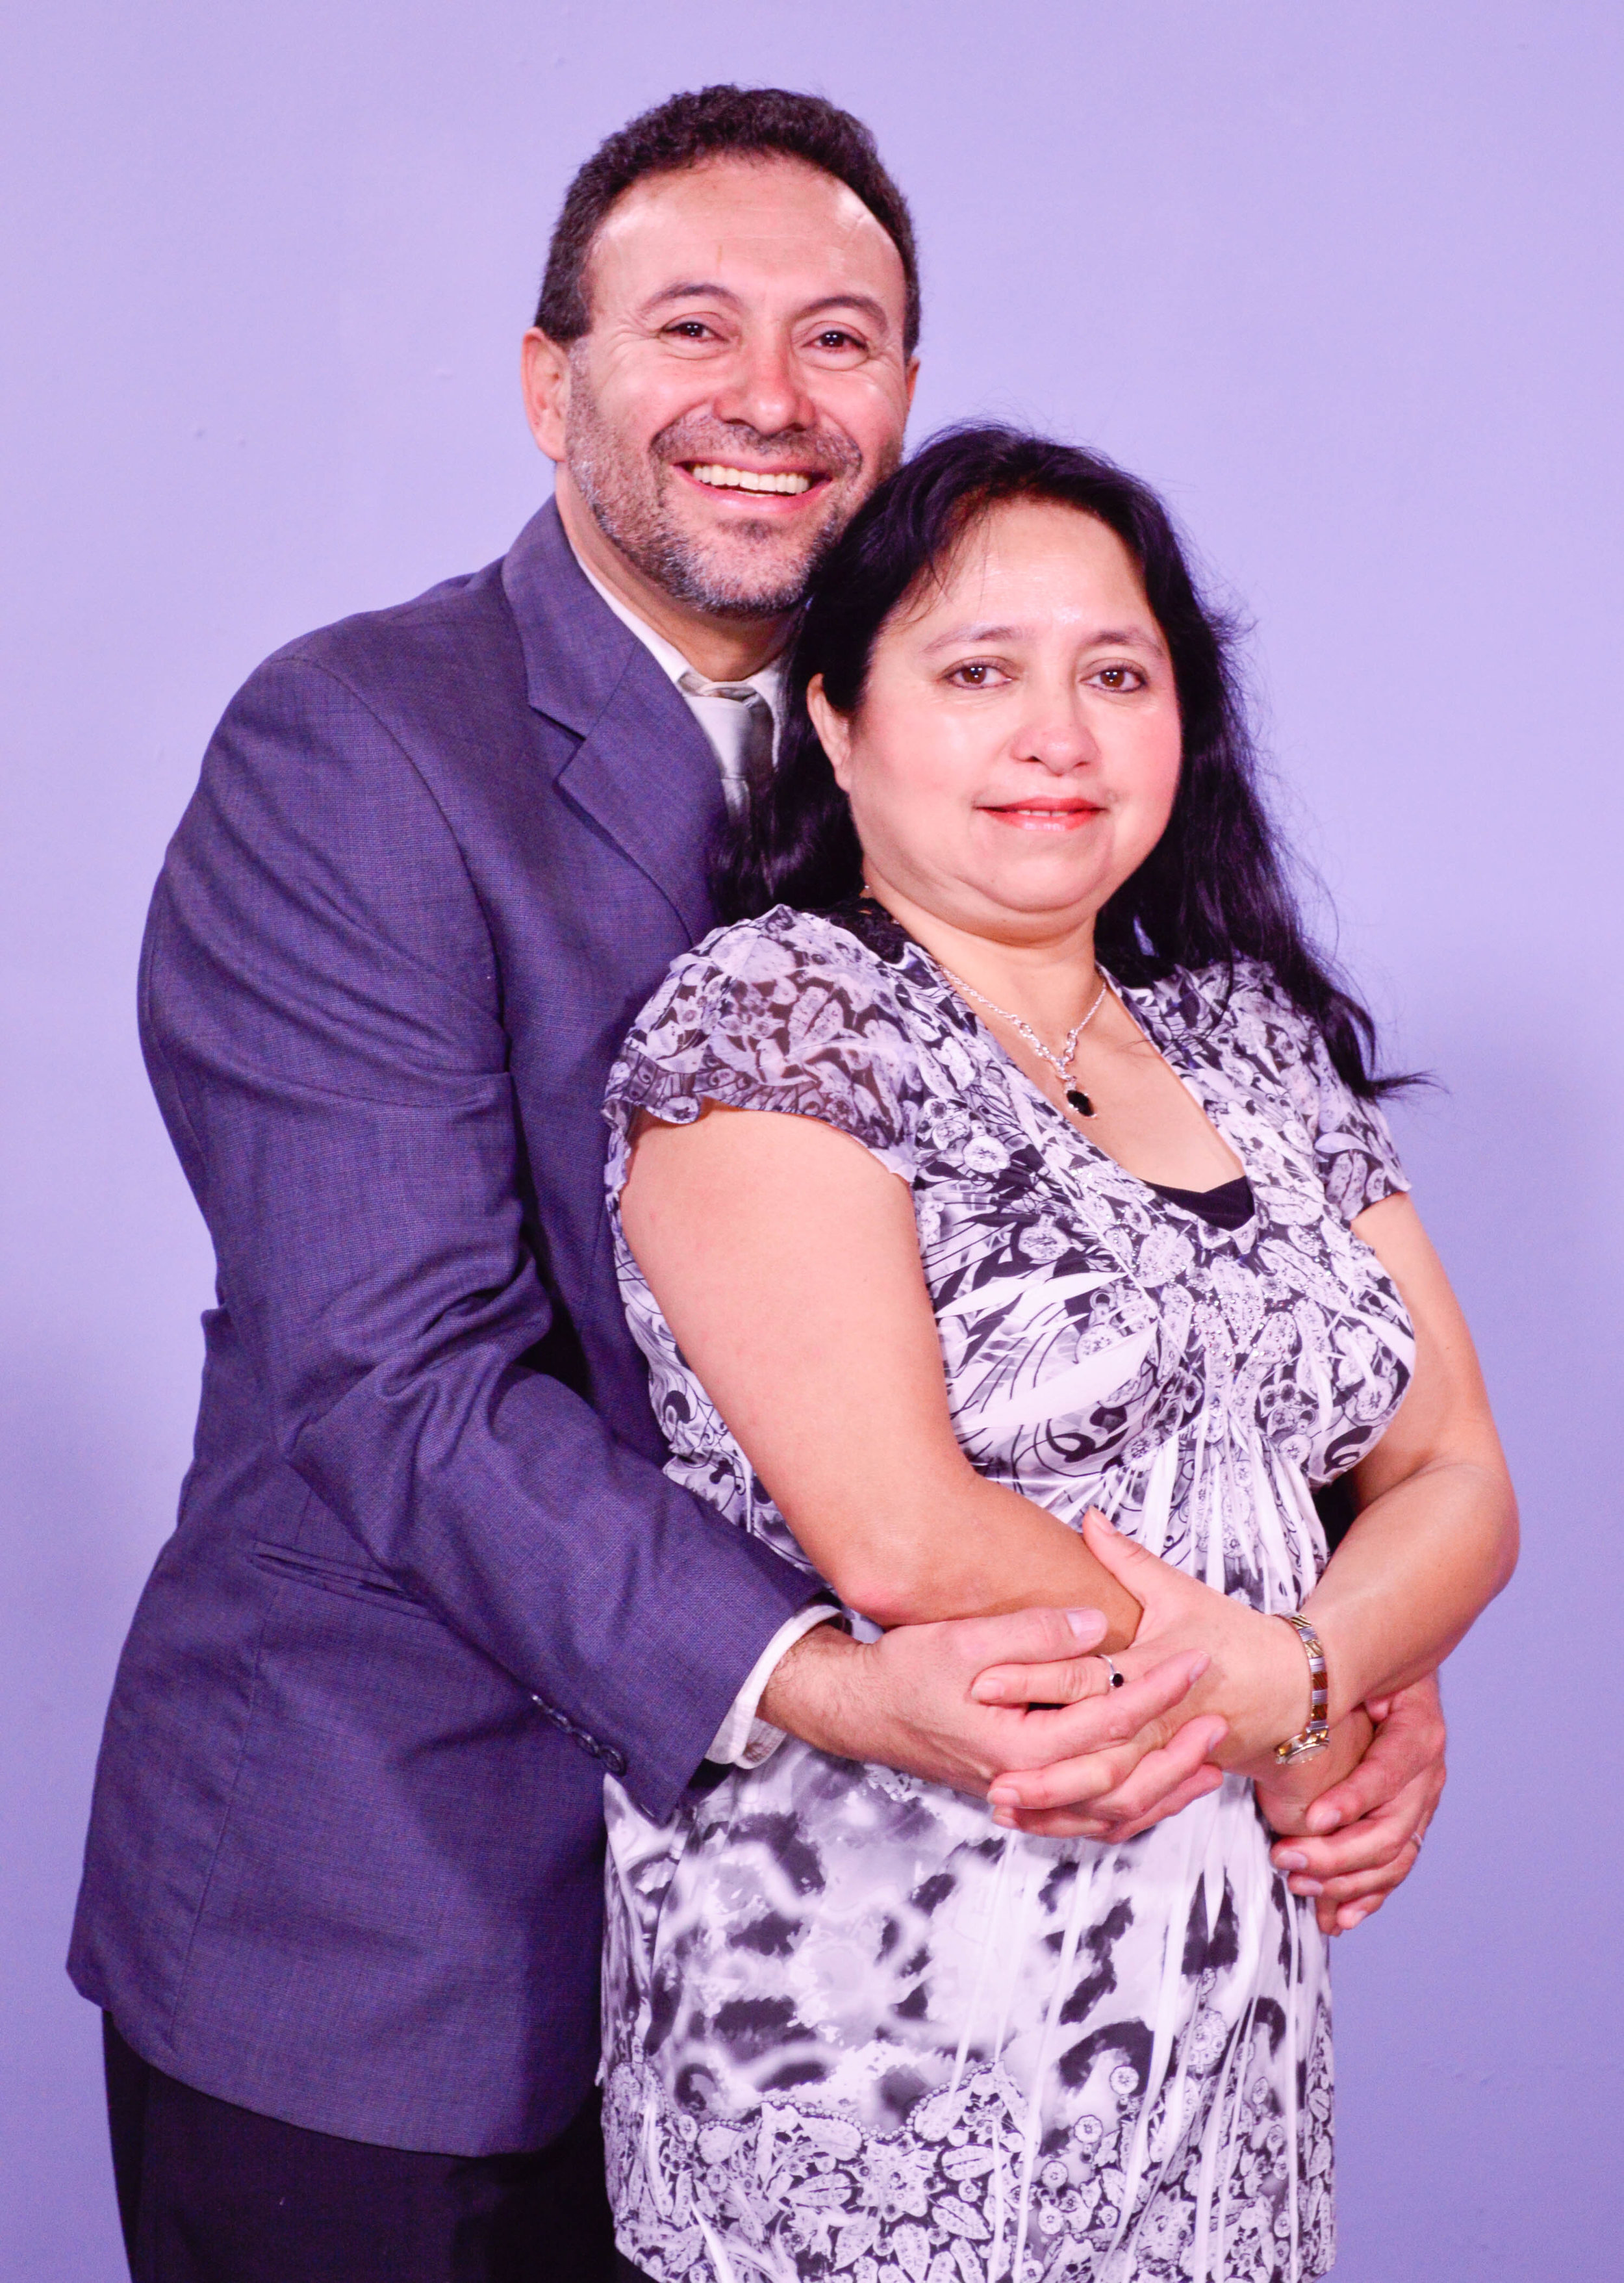 Pastores Hector y Oly de Higueros - Prematrimoniales